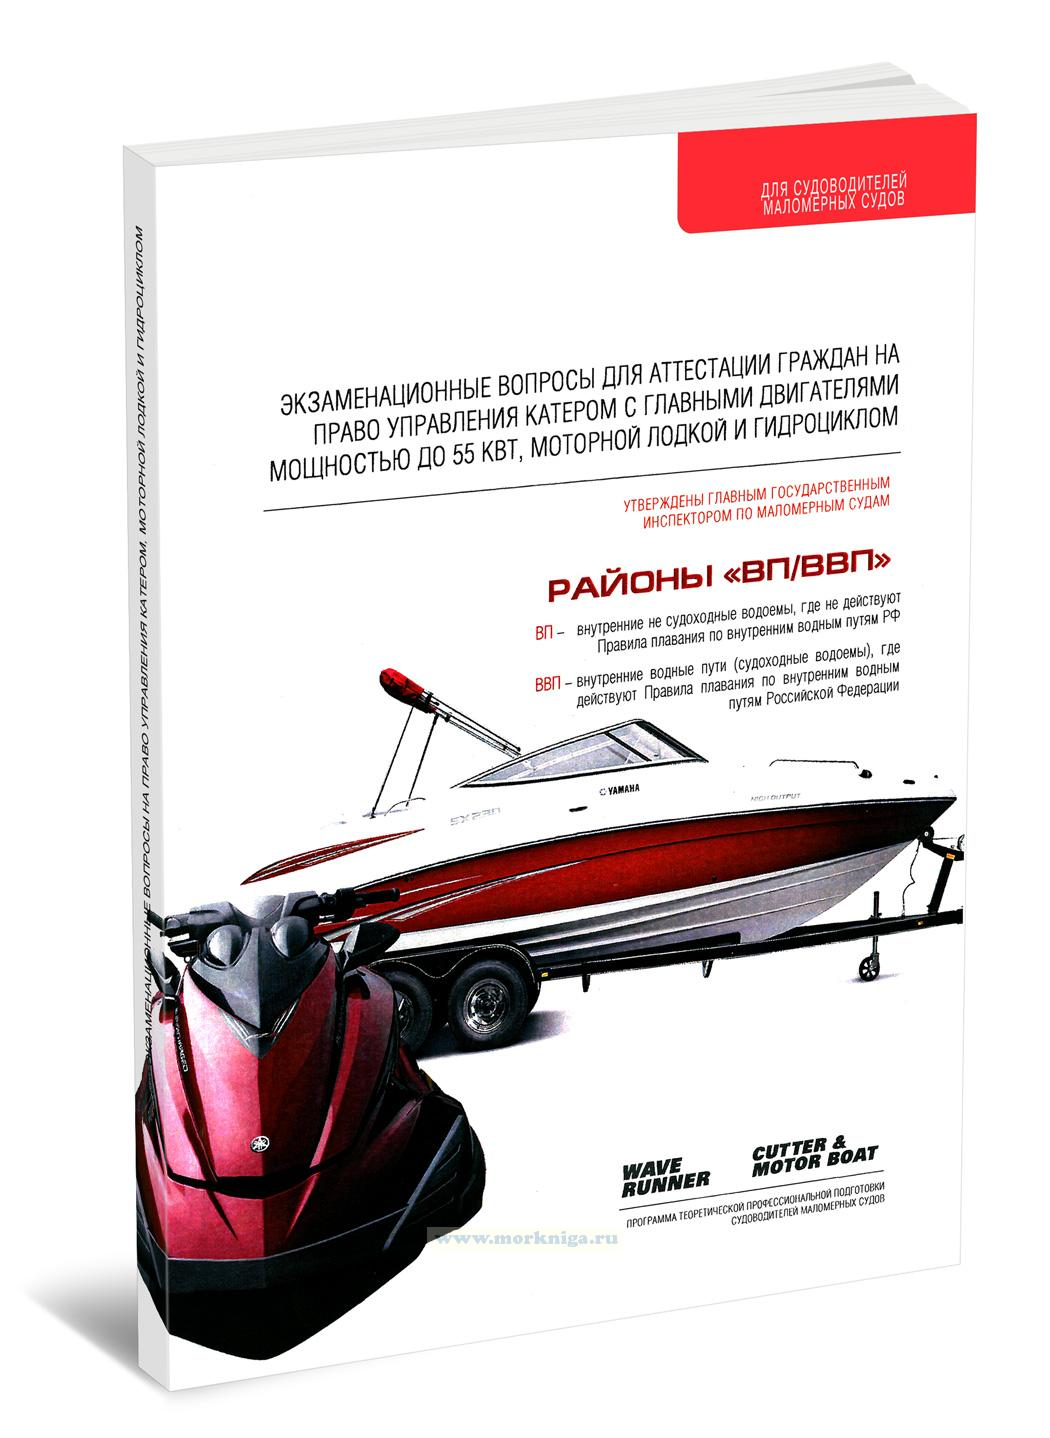 Экзаменационные вопросы для аттестации граждан на право управления катером с главными двигателями мощностью до 55 квт, моторной лодкой и гидроциклом Районы